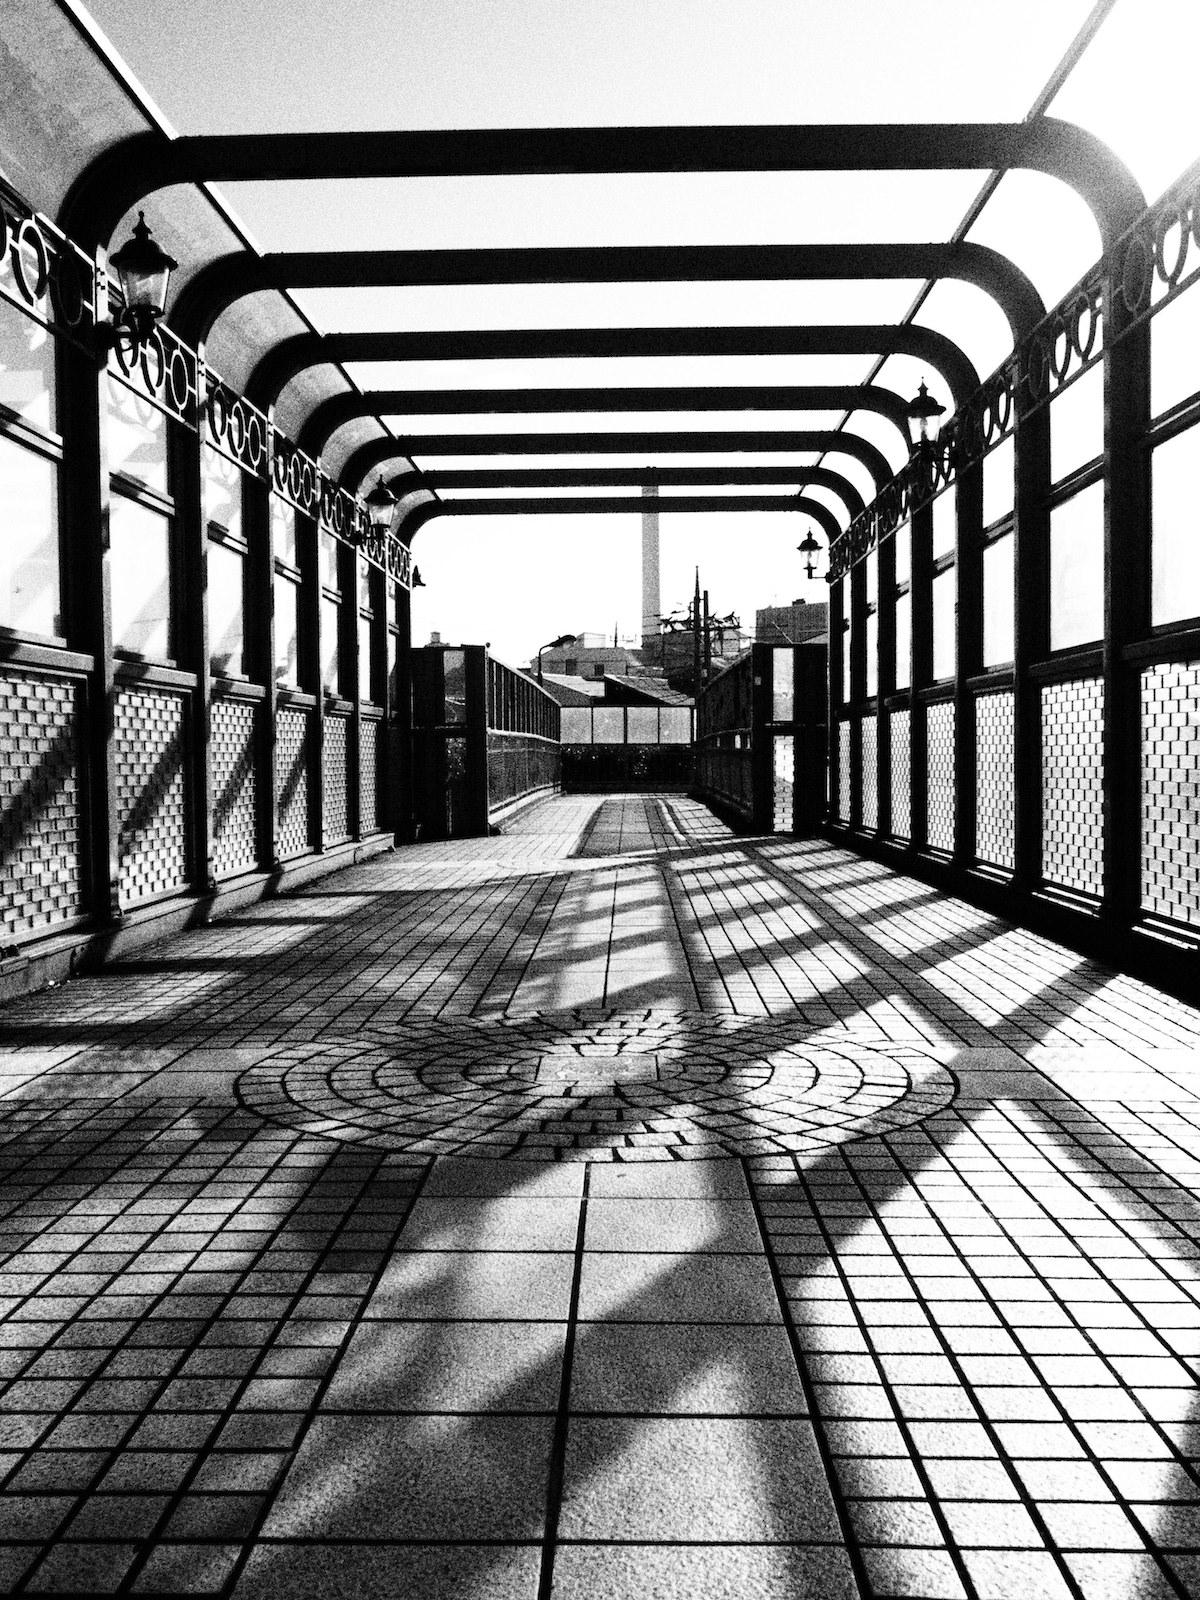 Bridge in Ebisu, Tokyo.